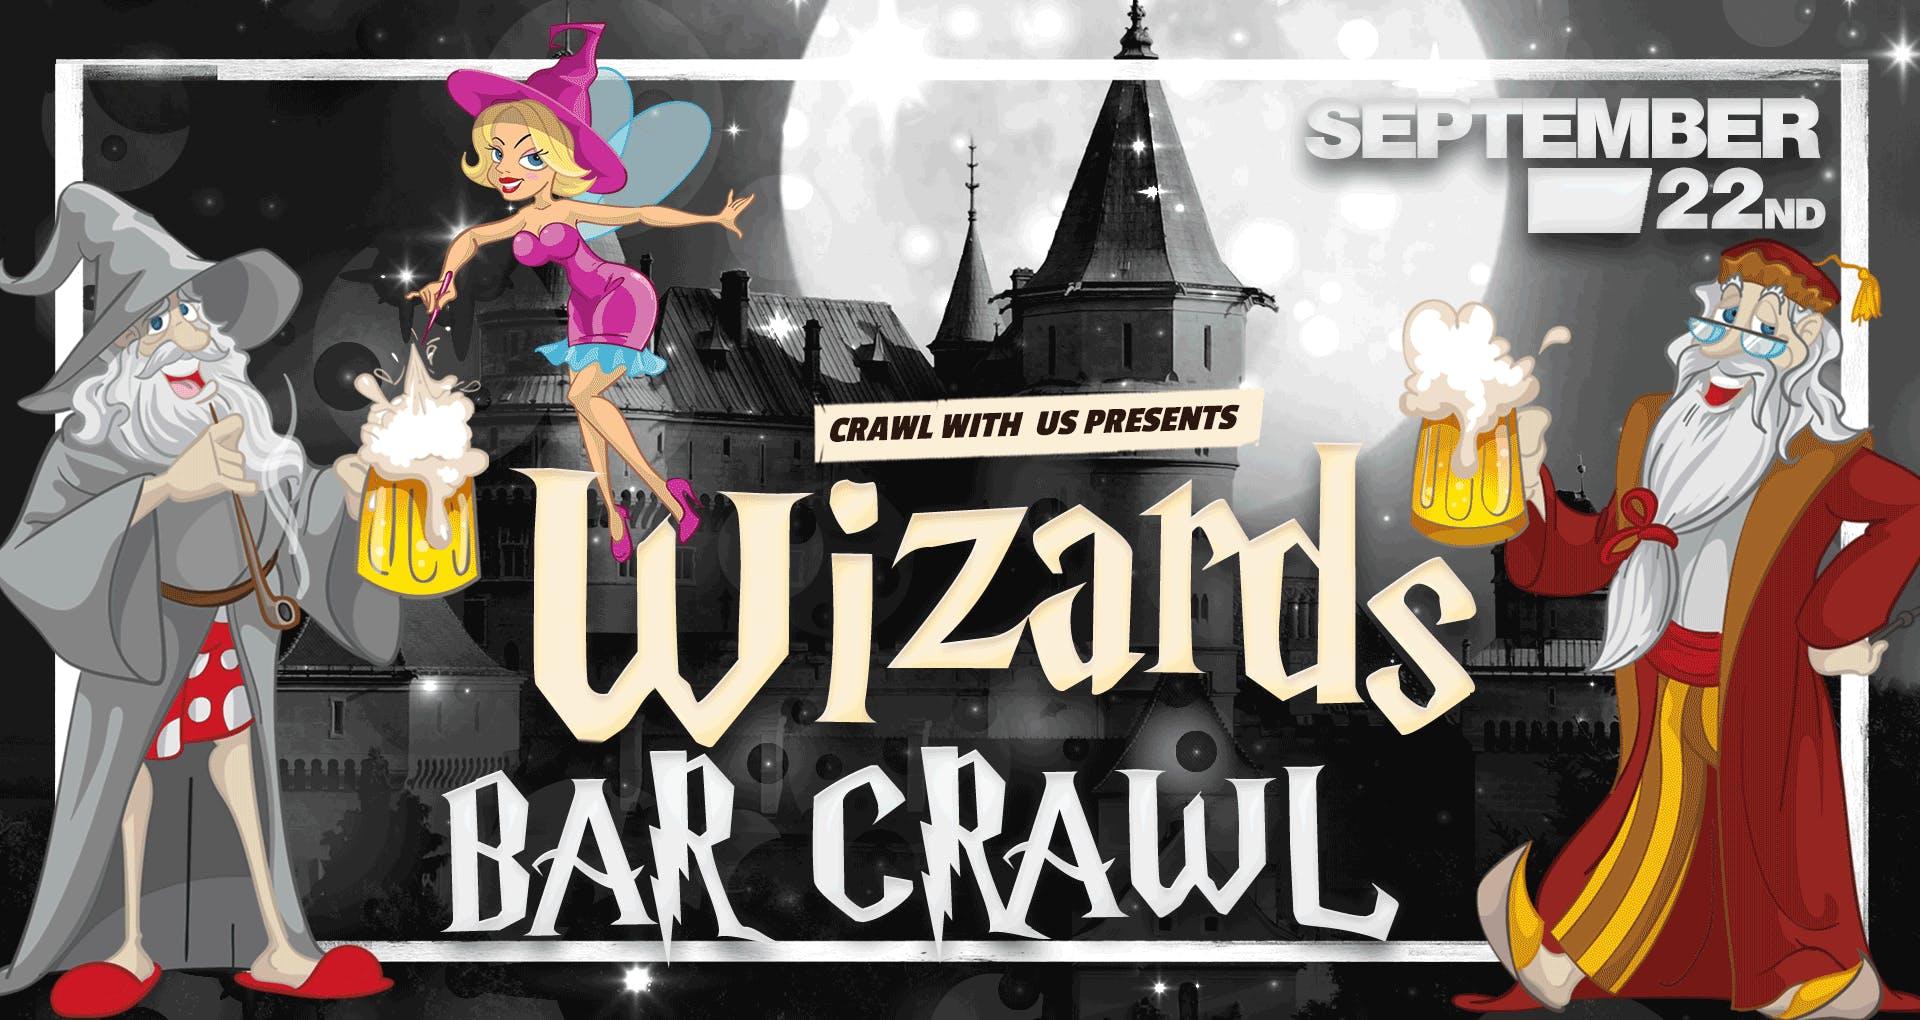 Wizards Bar Crawl - Tempe